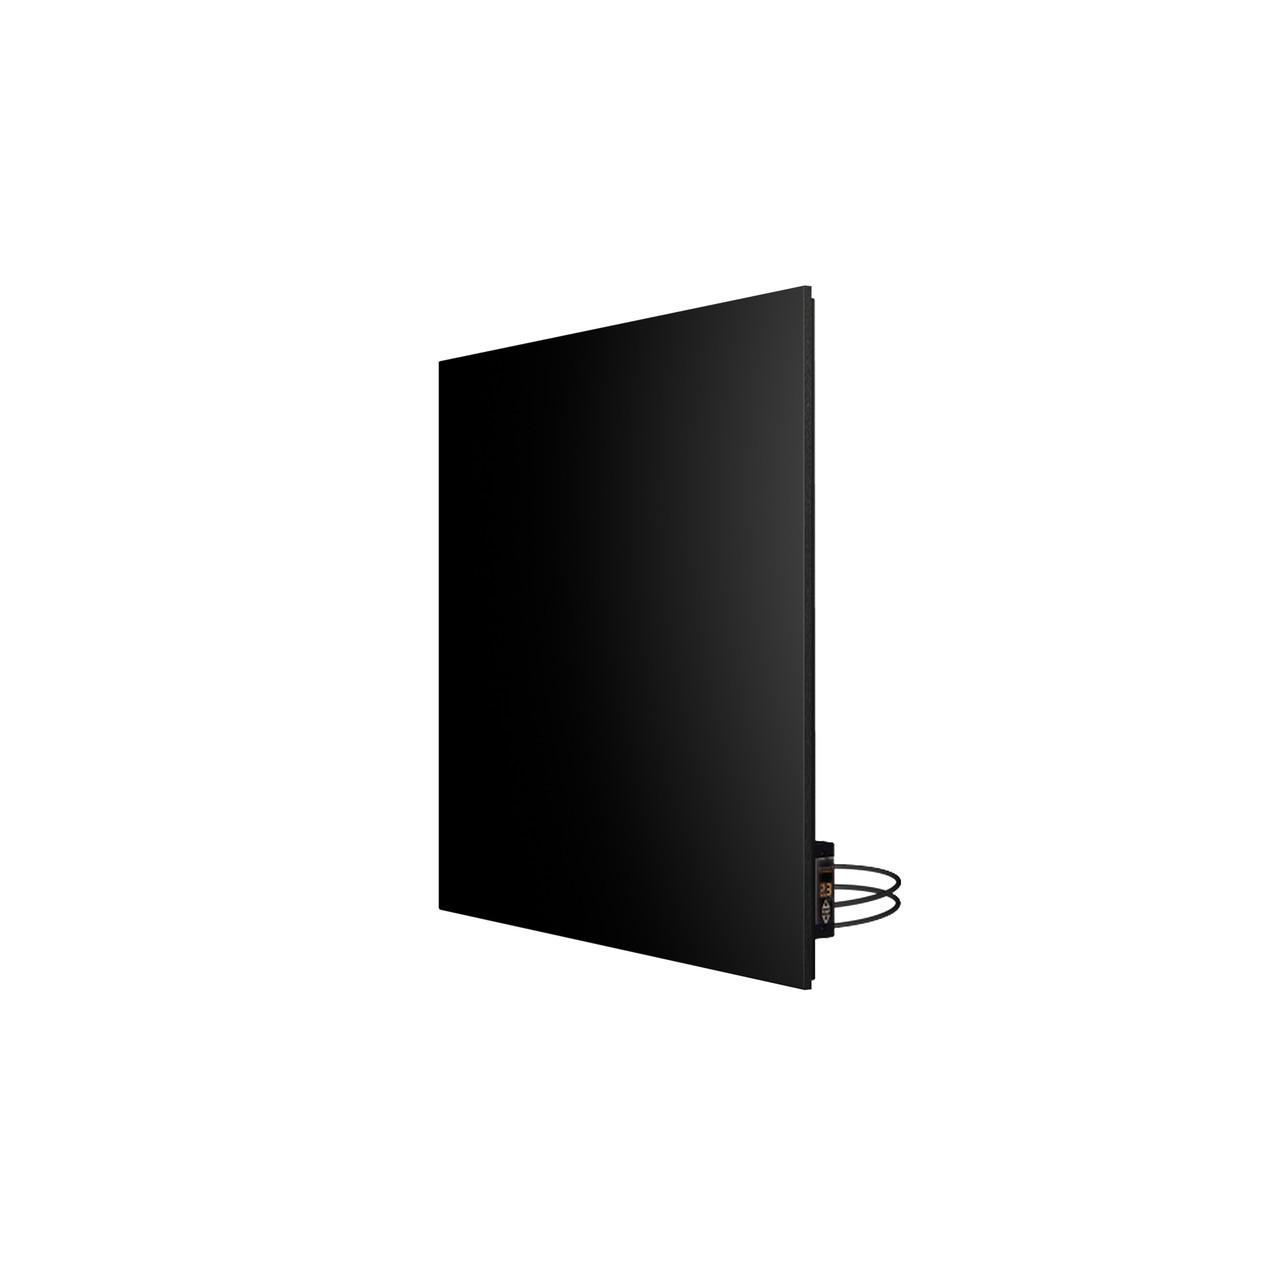 Теплокерамик TC400M 400Вт Керамический инфракрасный панельный обогреватель (Чёрный)